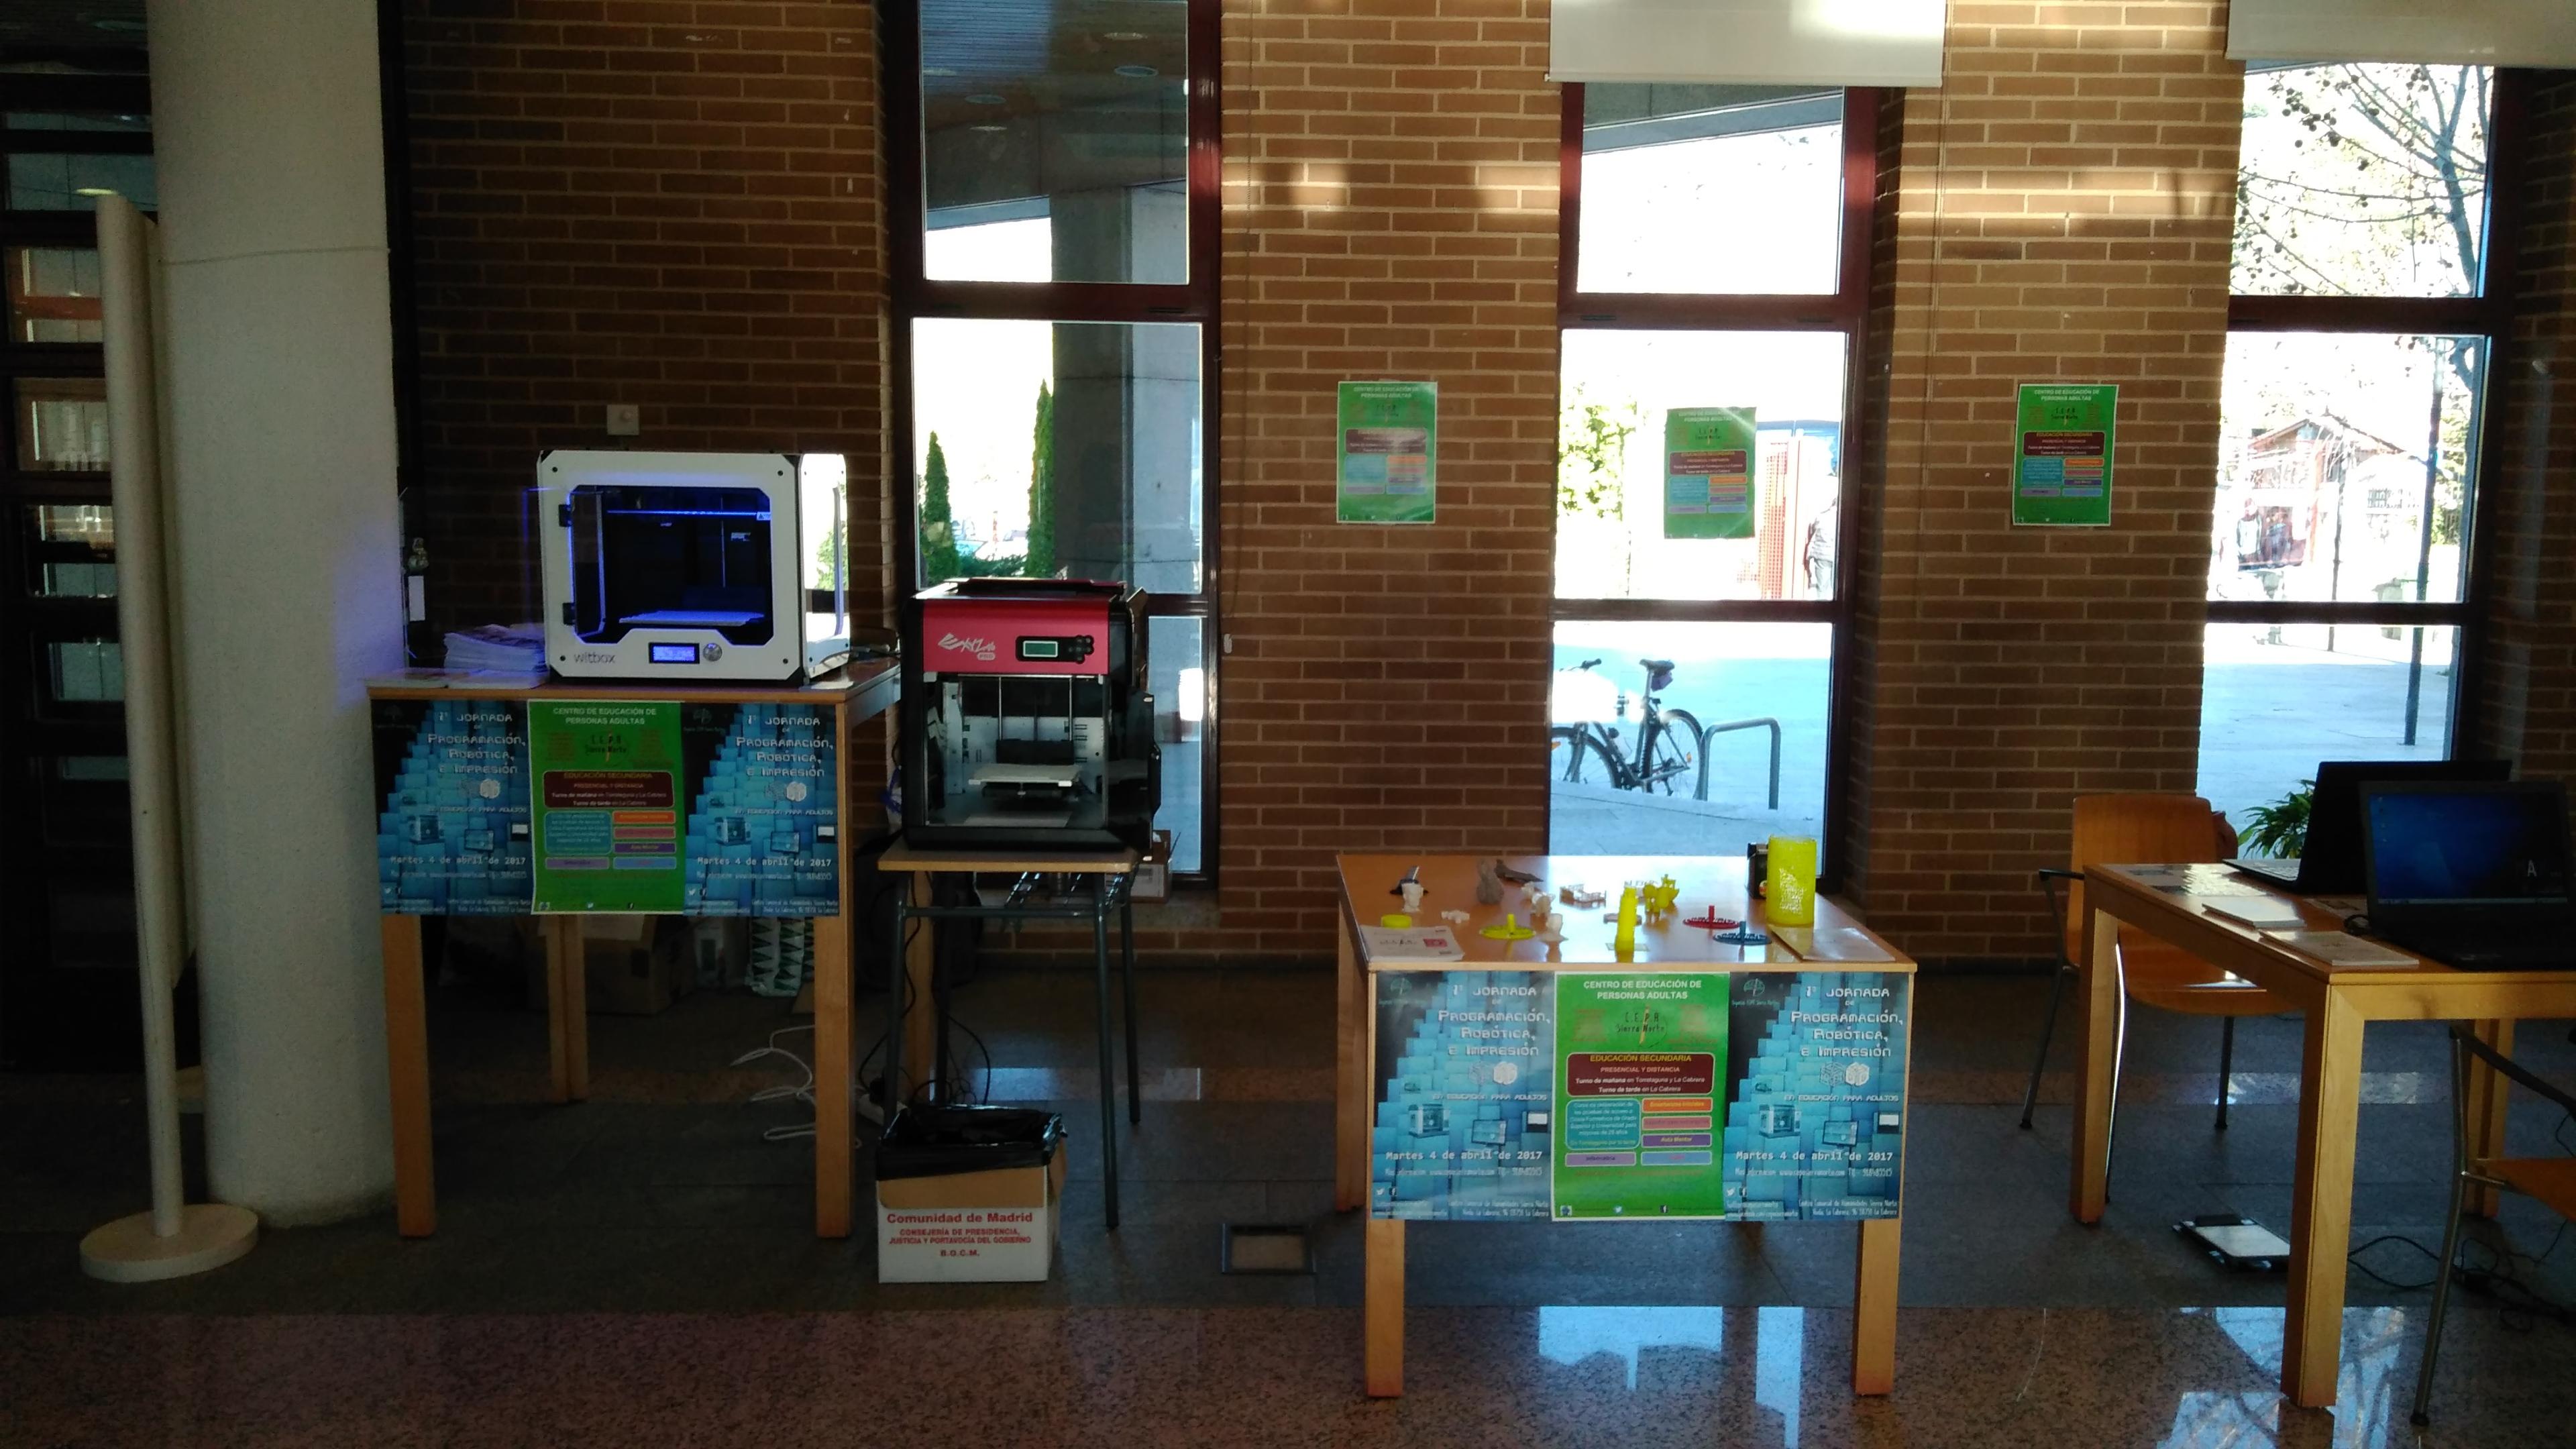 I Jornada de Programación, Robótica e Impresión 3D en educación para adultos. 04-04-2017 1